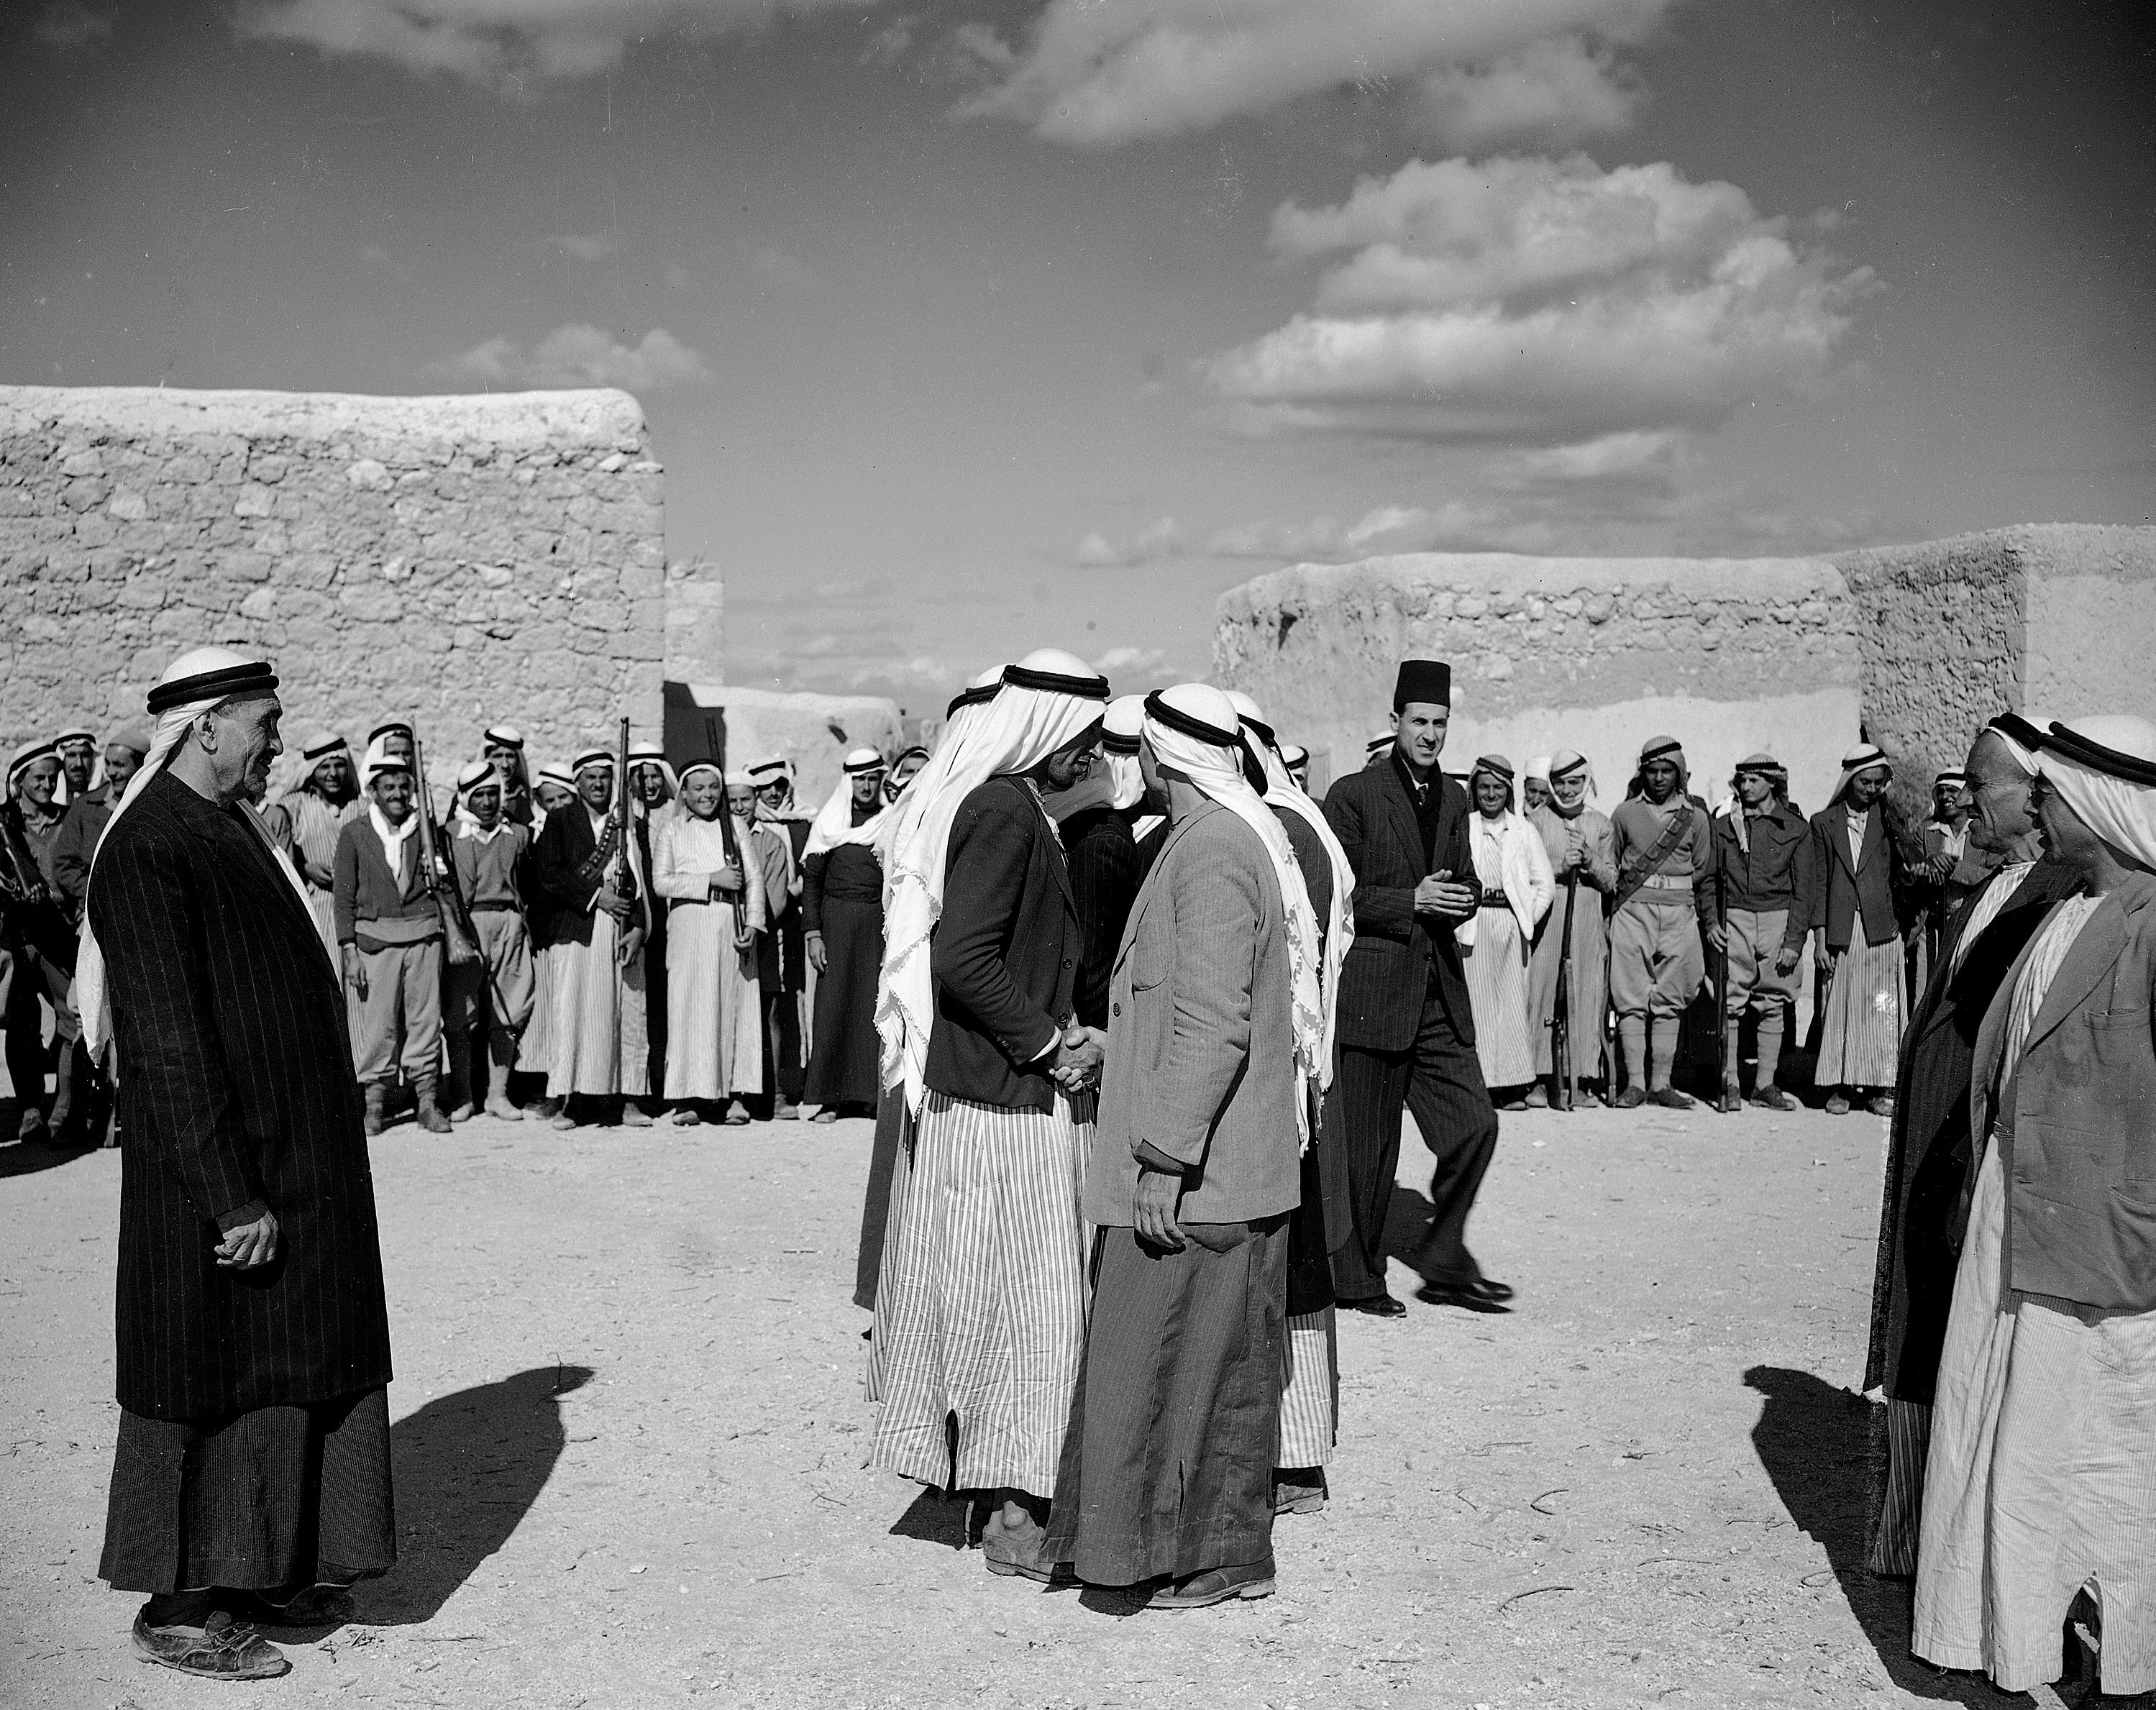 Две враждующие арабские семьи объявляют конец кровавой вражды между ними, подчиняясь указам местных арабских властей о том, что всякая вражда между арабами должна прекратиться до тех пор, пока не прекратится «большая вражда арабов против евреев». 31 марта